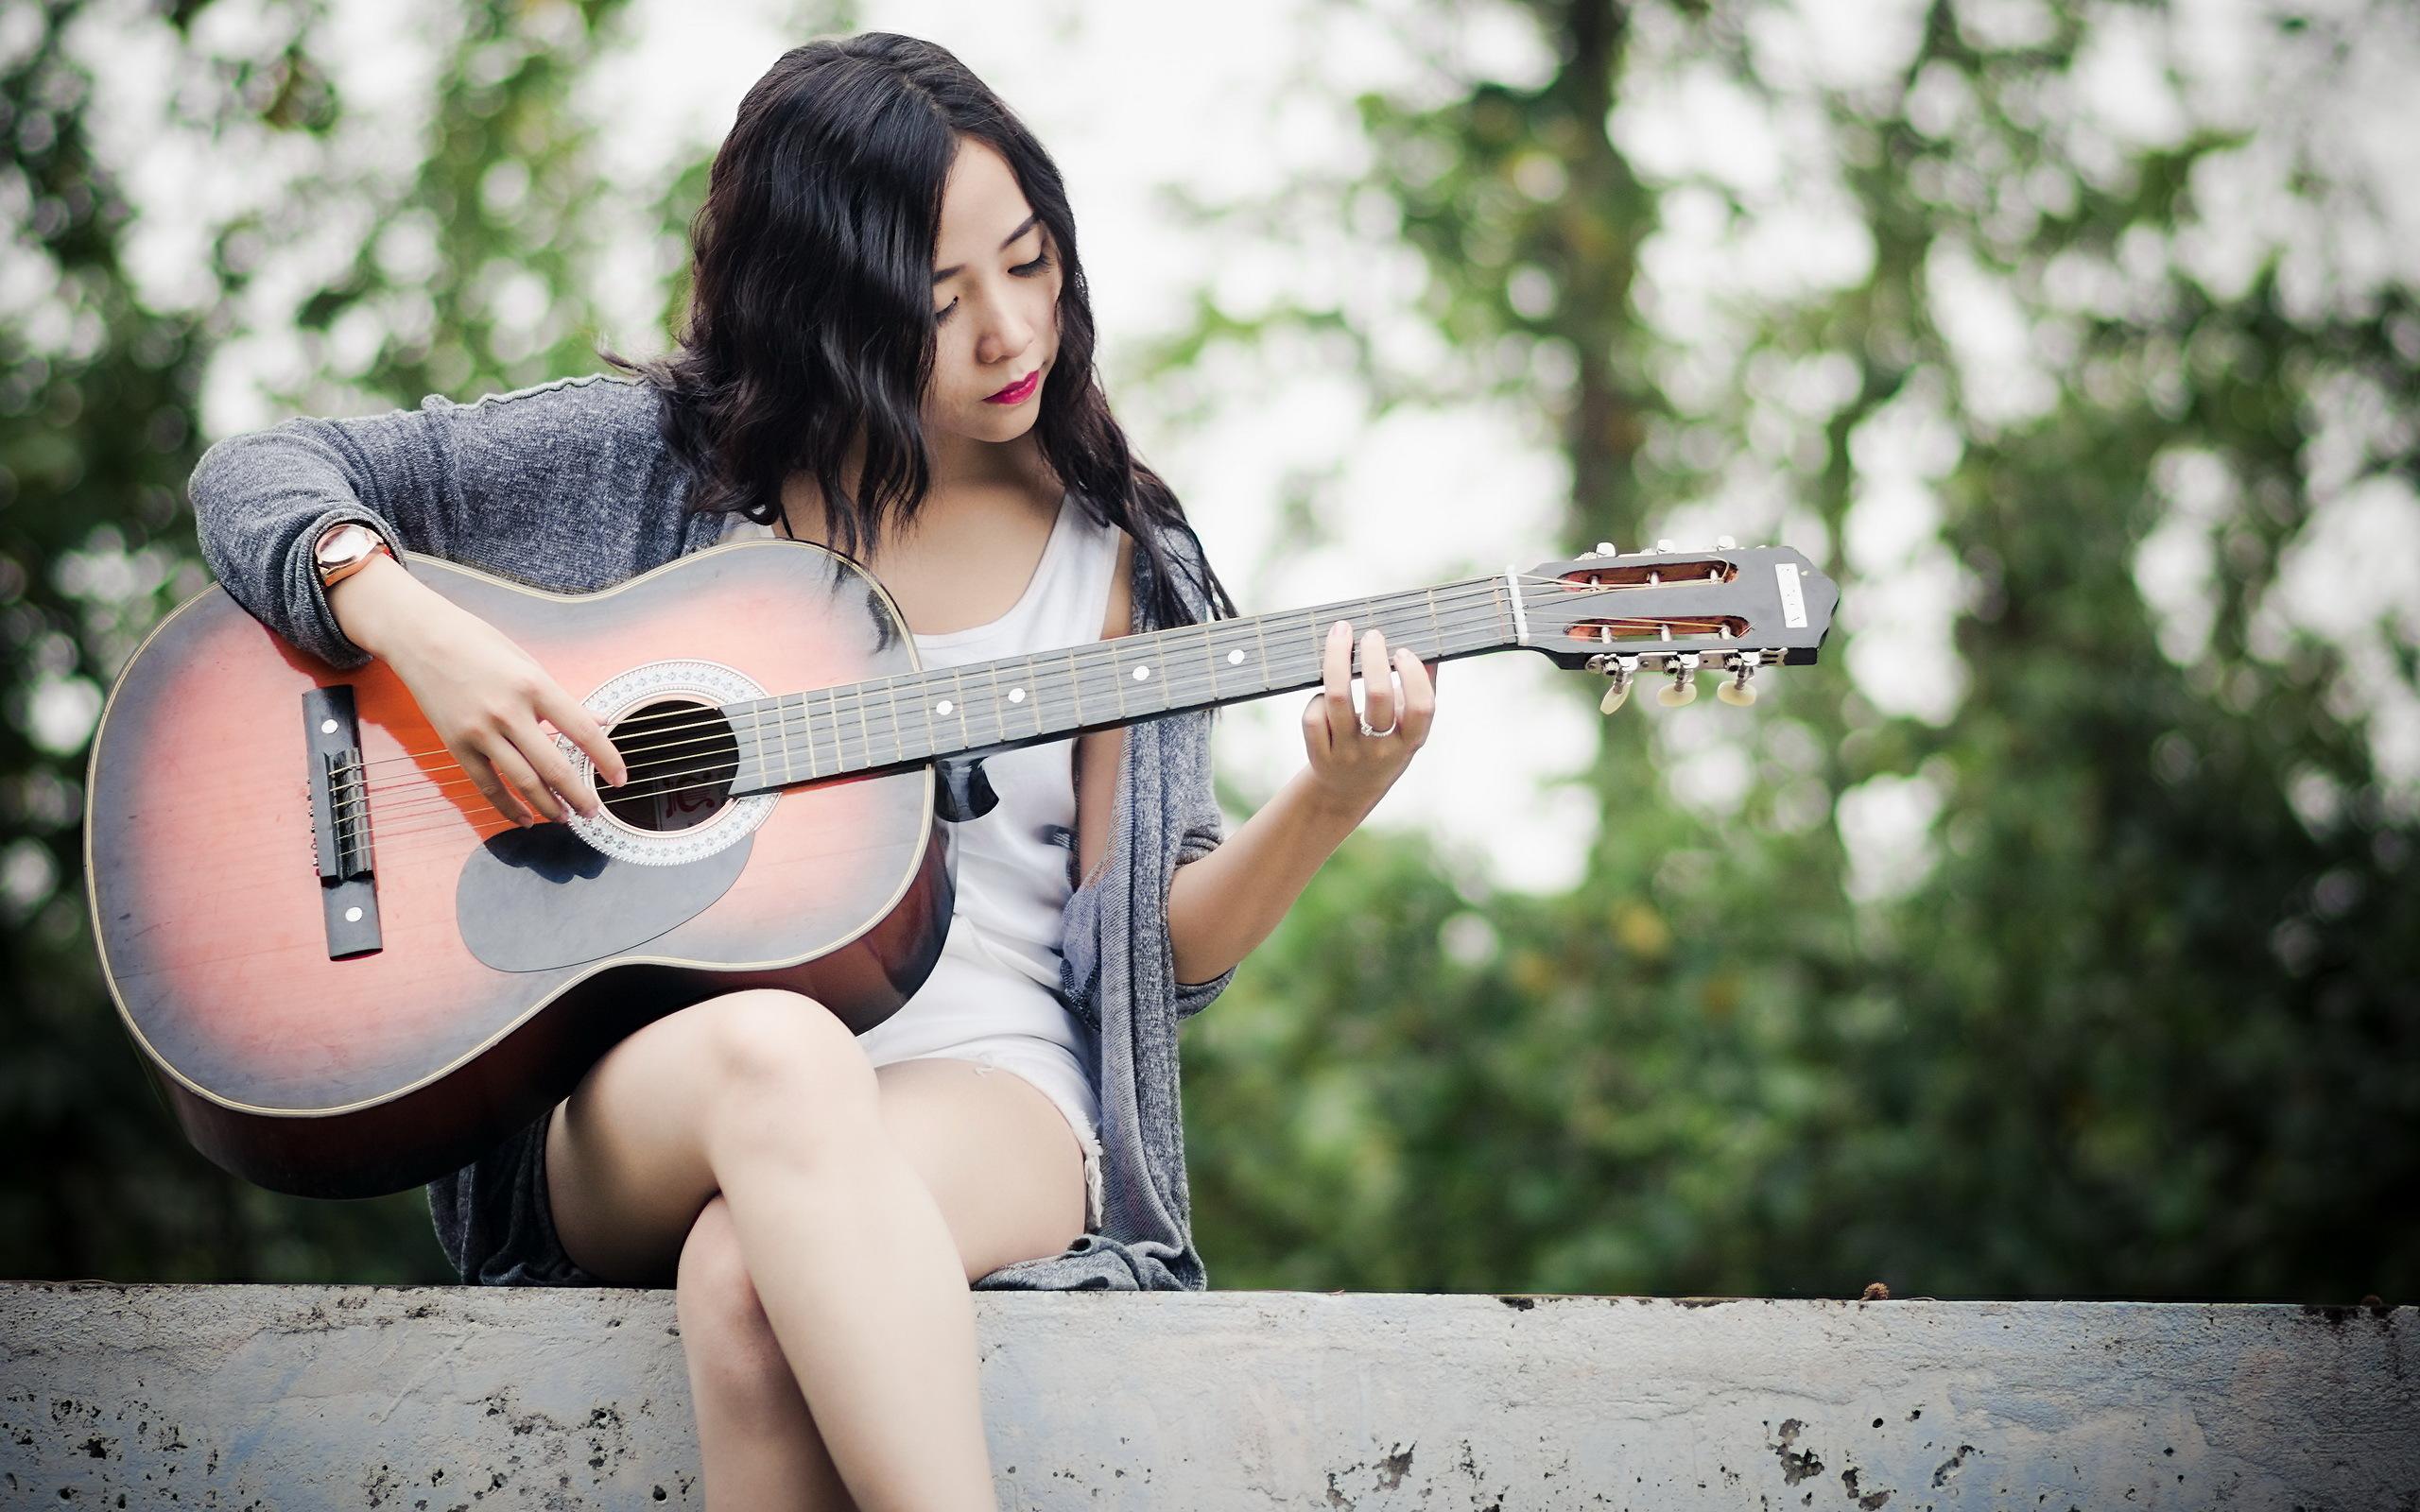 Азиатка с гитарой  № 466072 загрузить